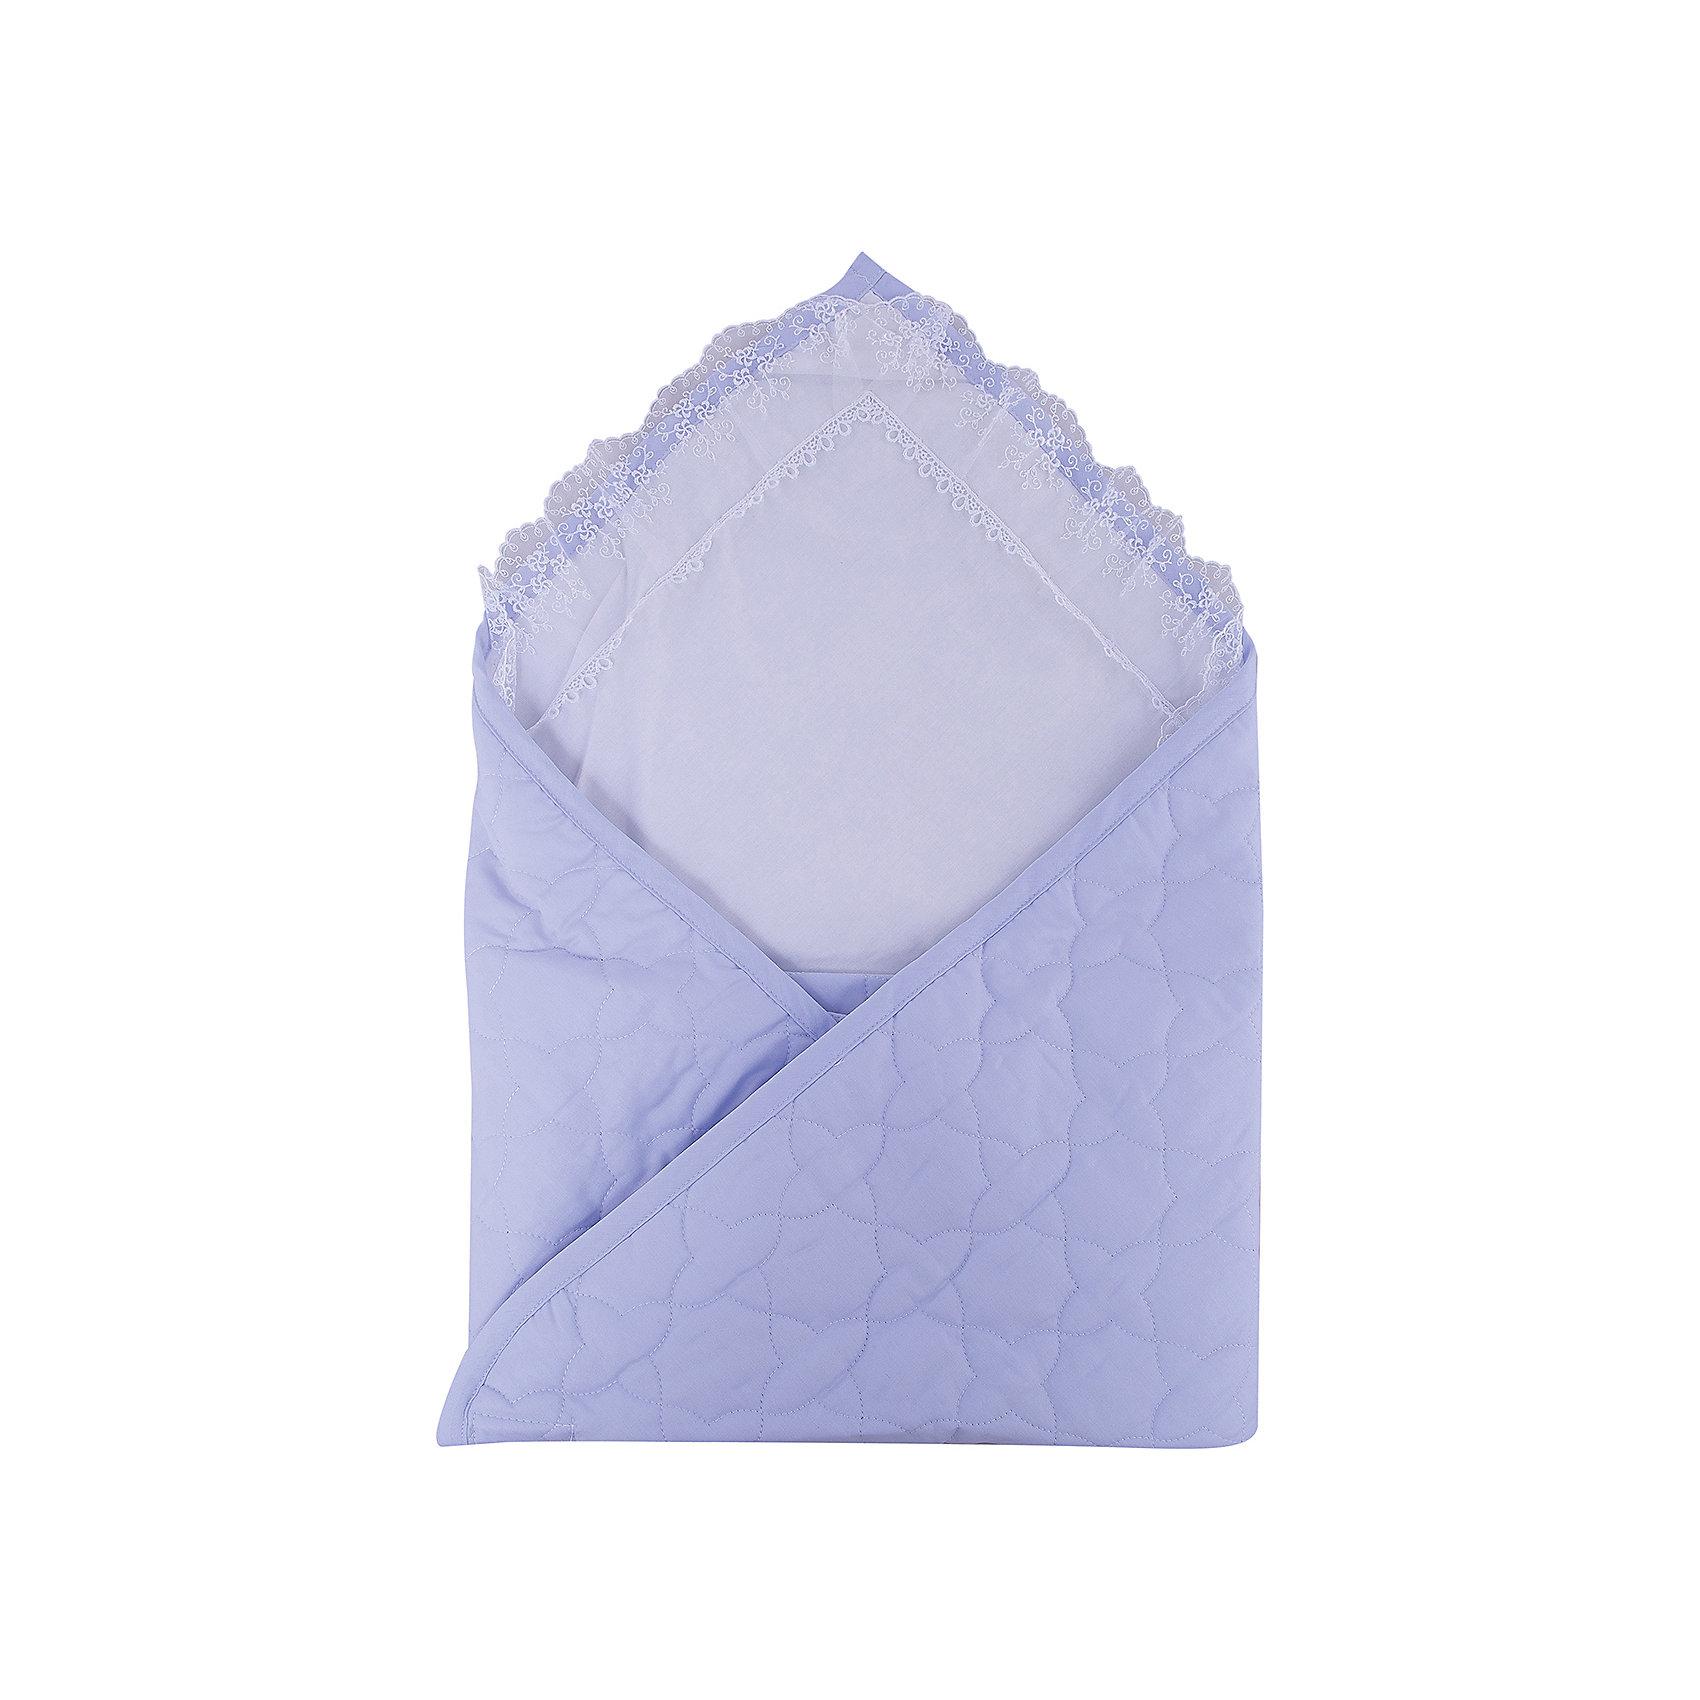 Одеяло-конверт Ласточка, 920/1, Сонный Гномик голубойОдеяла, пледы<br>Комплектация: Конверт-одеяло<br>Размер, см: 100х100<br>Температурный режим, °С: От +15 до +25<br>Сезонность: Весна, осен, лето<br>Материал верха: Сатин (100% хлопок)<br>Материал основы: Сатин (100% хлопок) <br>Наполнитель: Синтепон (плотность 60г/кв.м)<br><br>Ширина мм: 35<br>Глубина мм: 10<br>Высота мм: 40<br>Вес г: 340<br>Возраст от месяцев: 0<br>Возраст до месяцев: 36<br>Пол: Унисекс<br>Возраст: Детский<br>SKU: 5454124